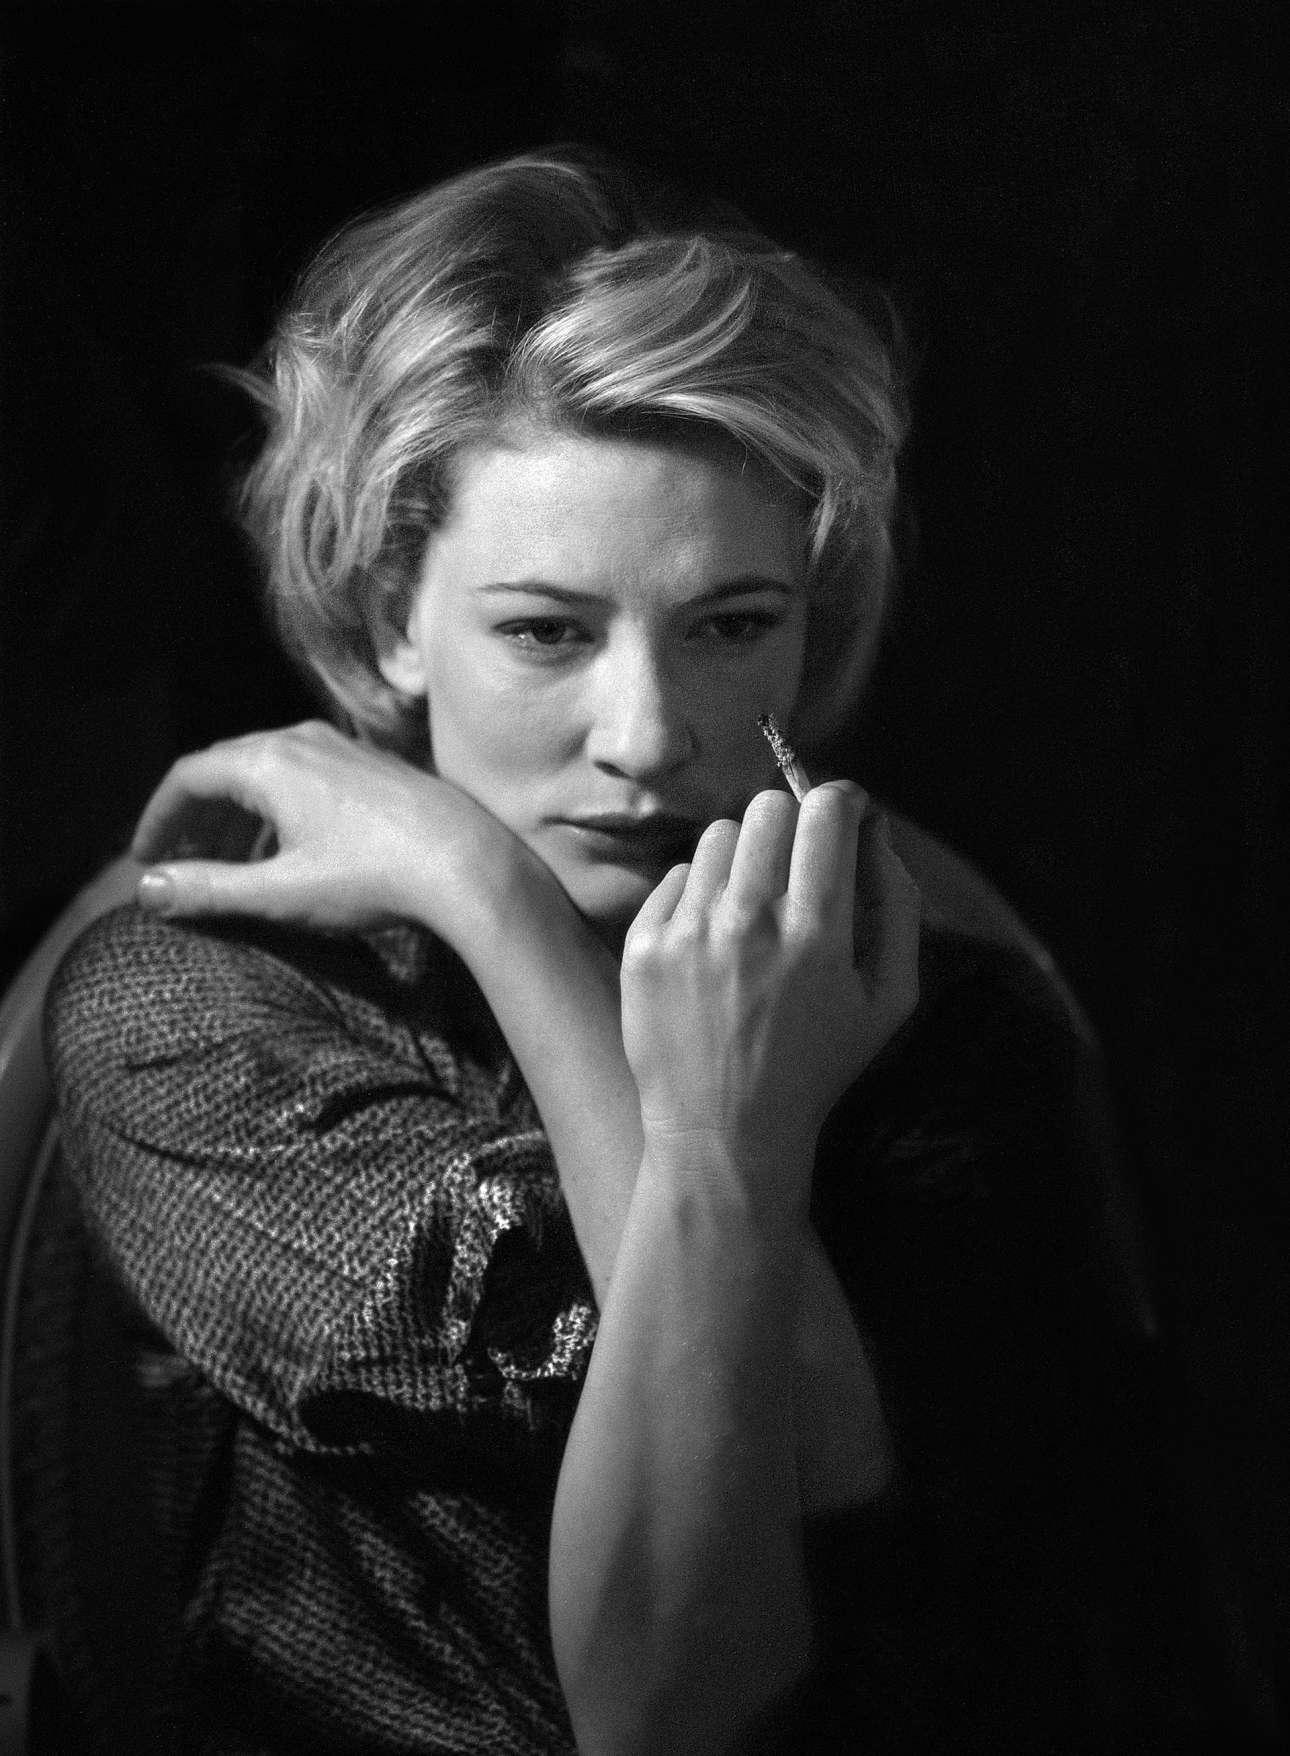 Μία τελευταία τζούρα για την Κέιτ Μπλάνσετ πριν εμφανιστεί στην παράσταση του 1999 «Plenty» του Ντέιβιντ Χερ, στο θέατρο «Noël Coward»